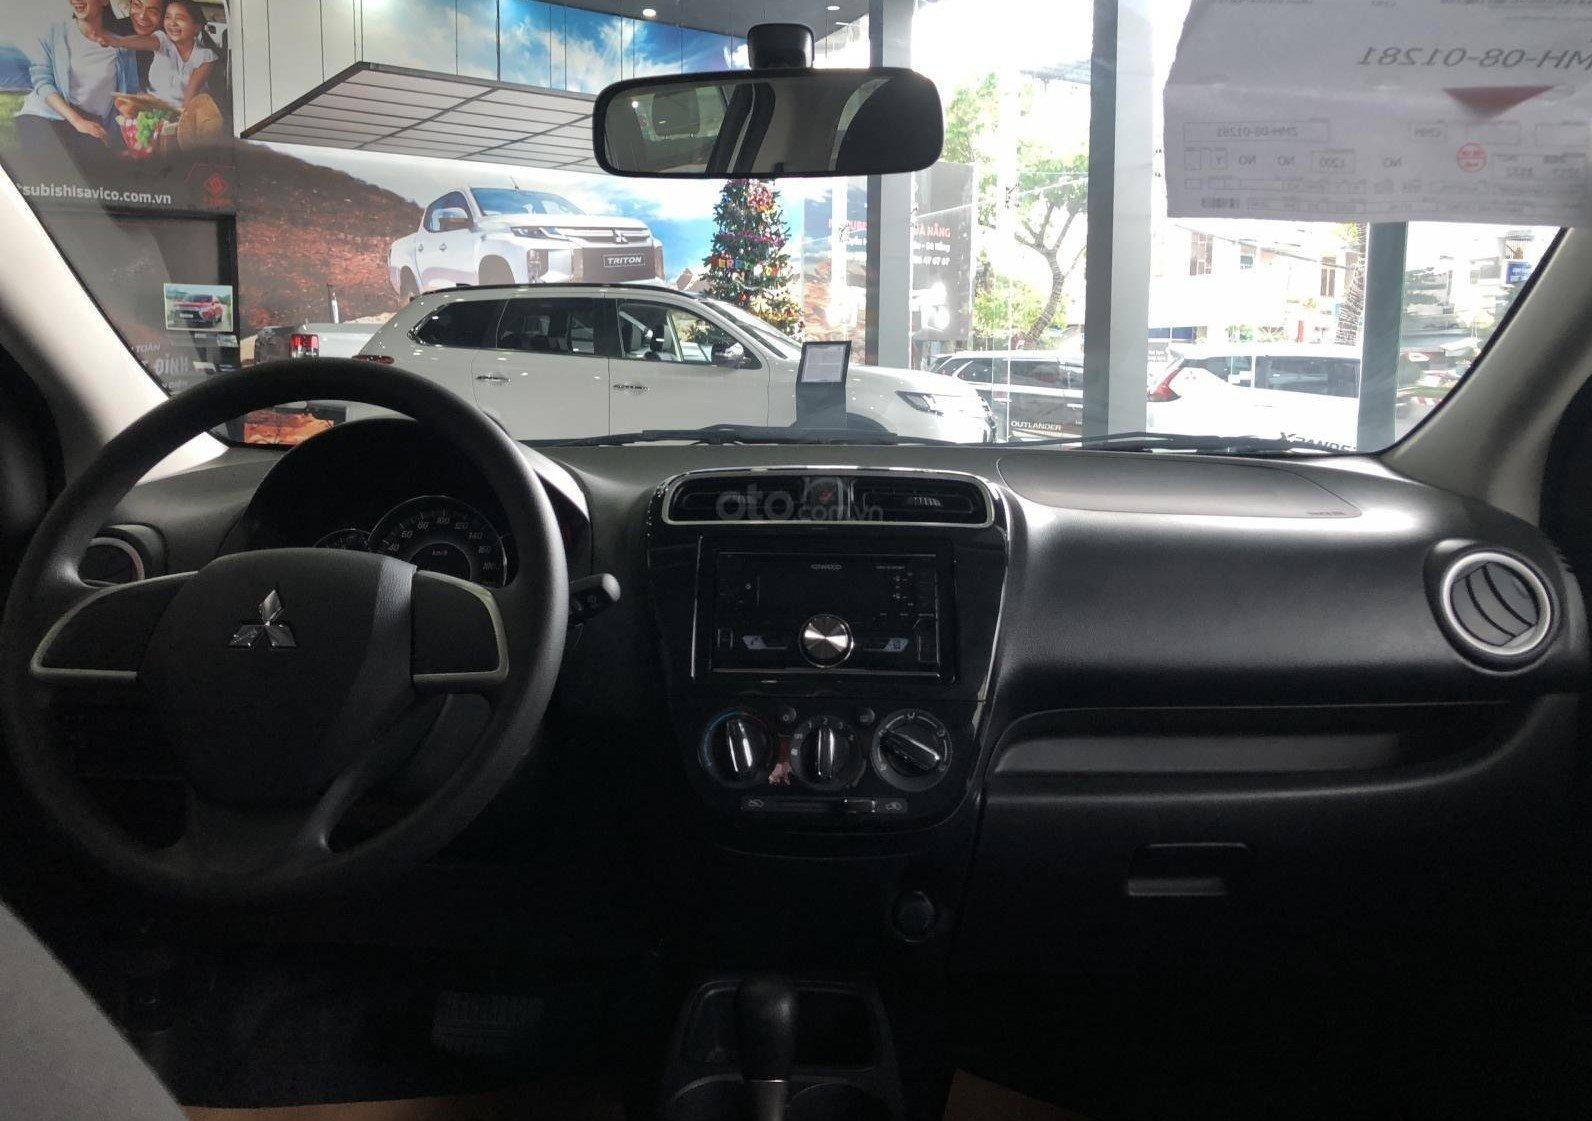 Thông số kỹ thuật xe Mitsubishi Attrage 2020 a5